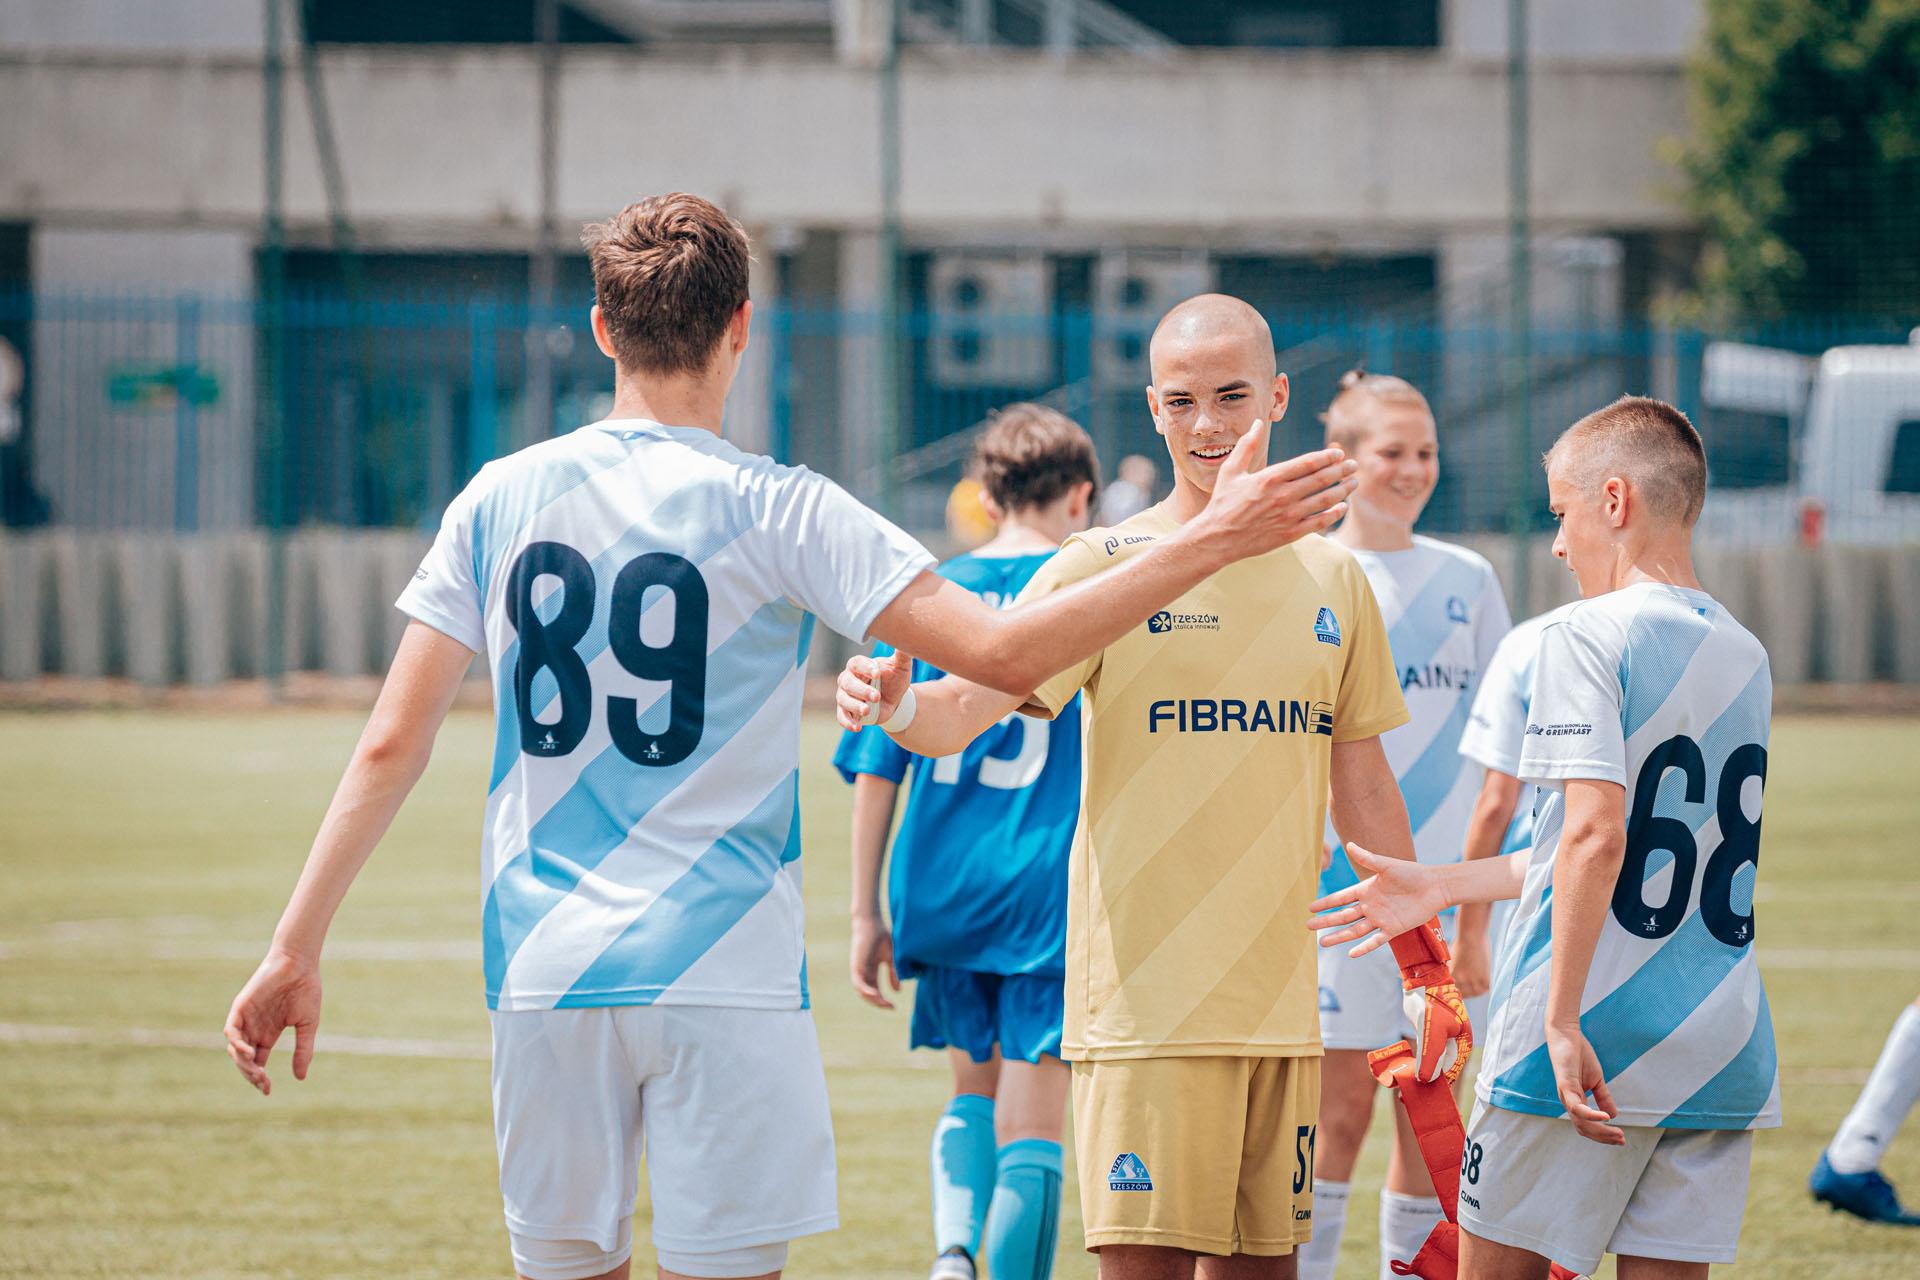 C2 A - Baraż - Stal Rzeszów -Garbarnia Kraków, 30-06-2021, fot. K.Krupa